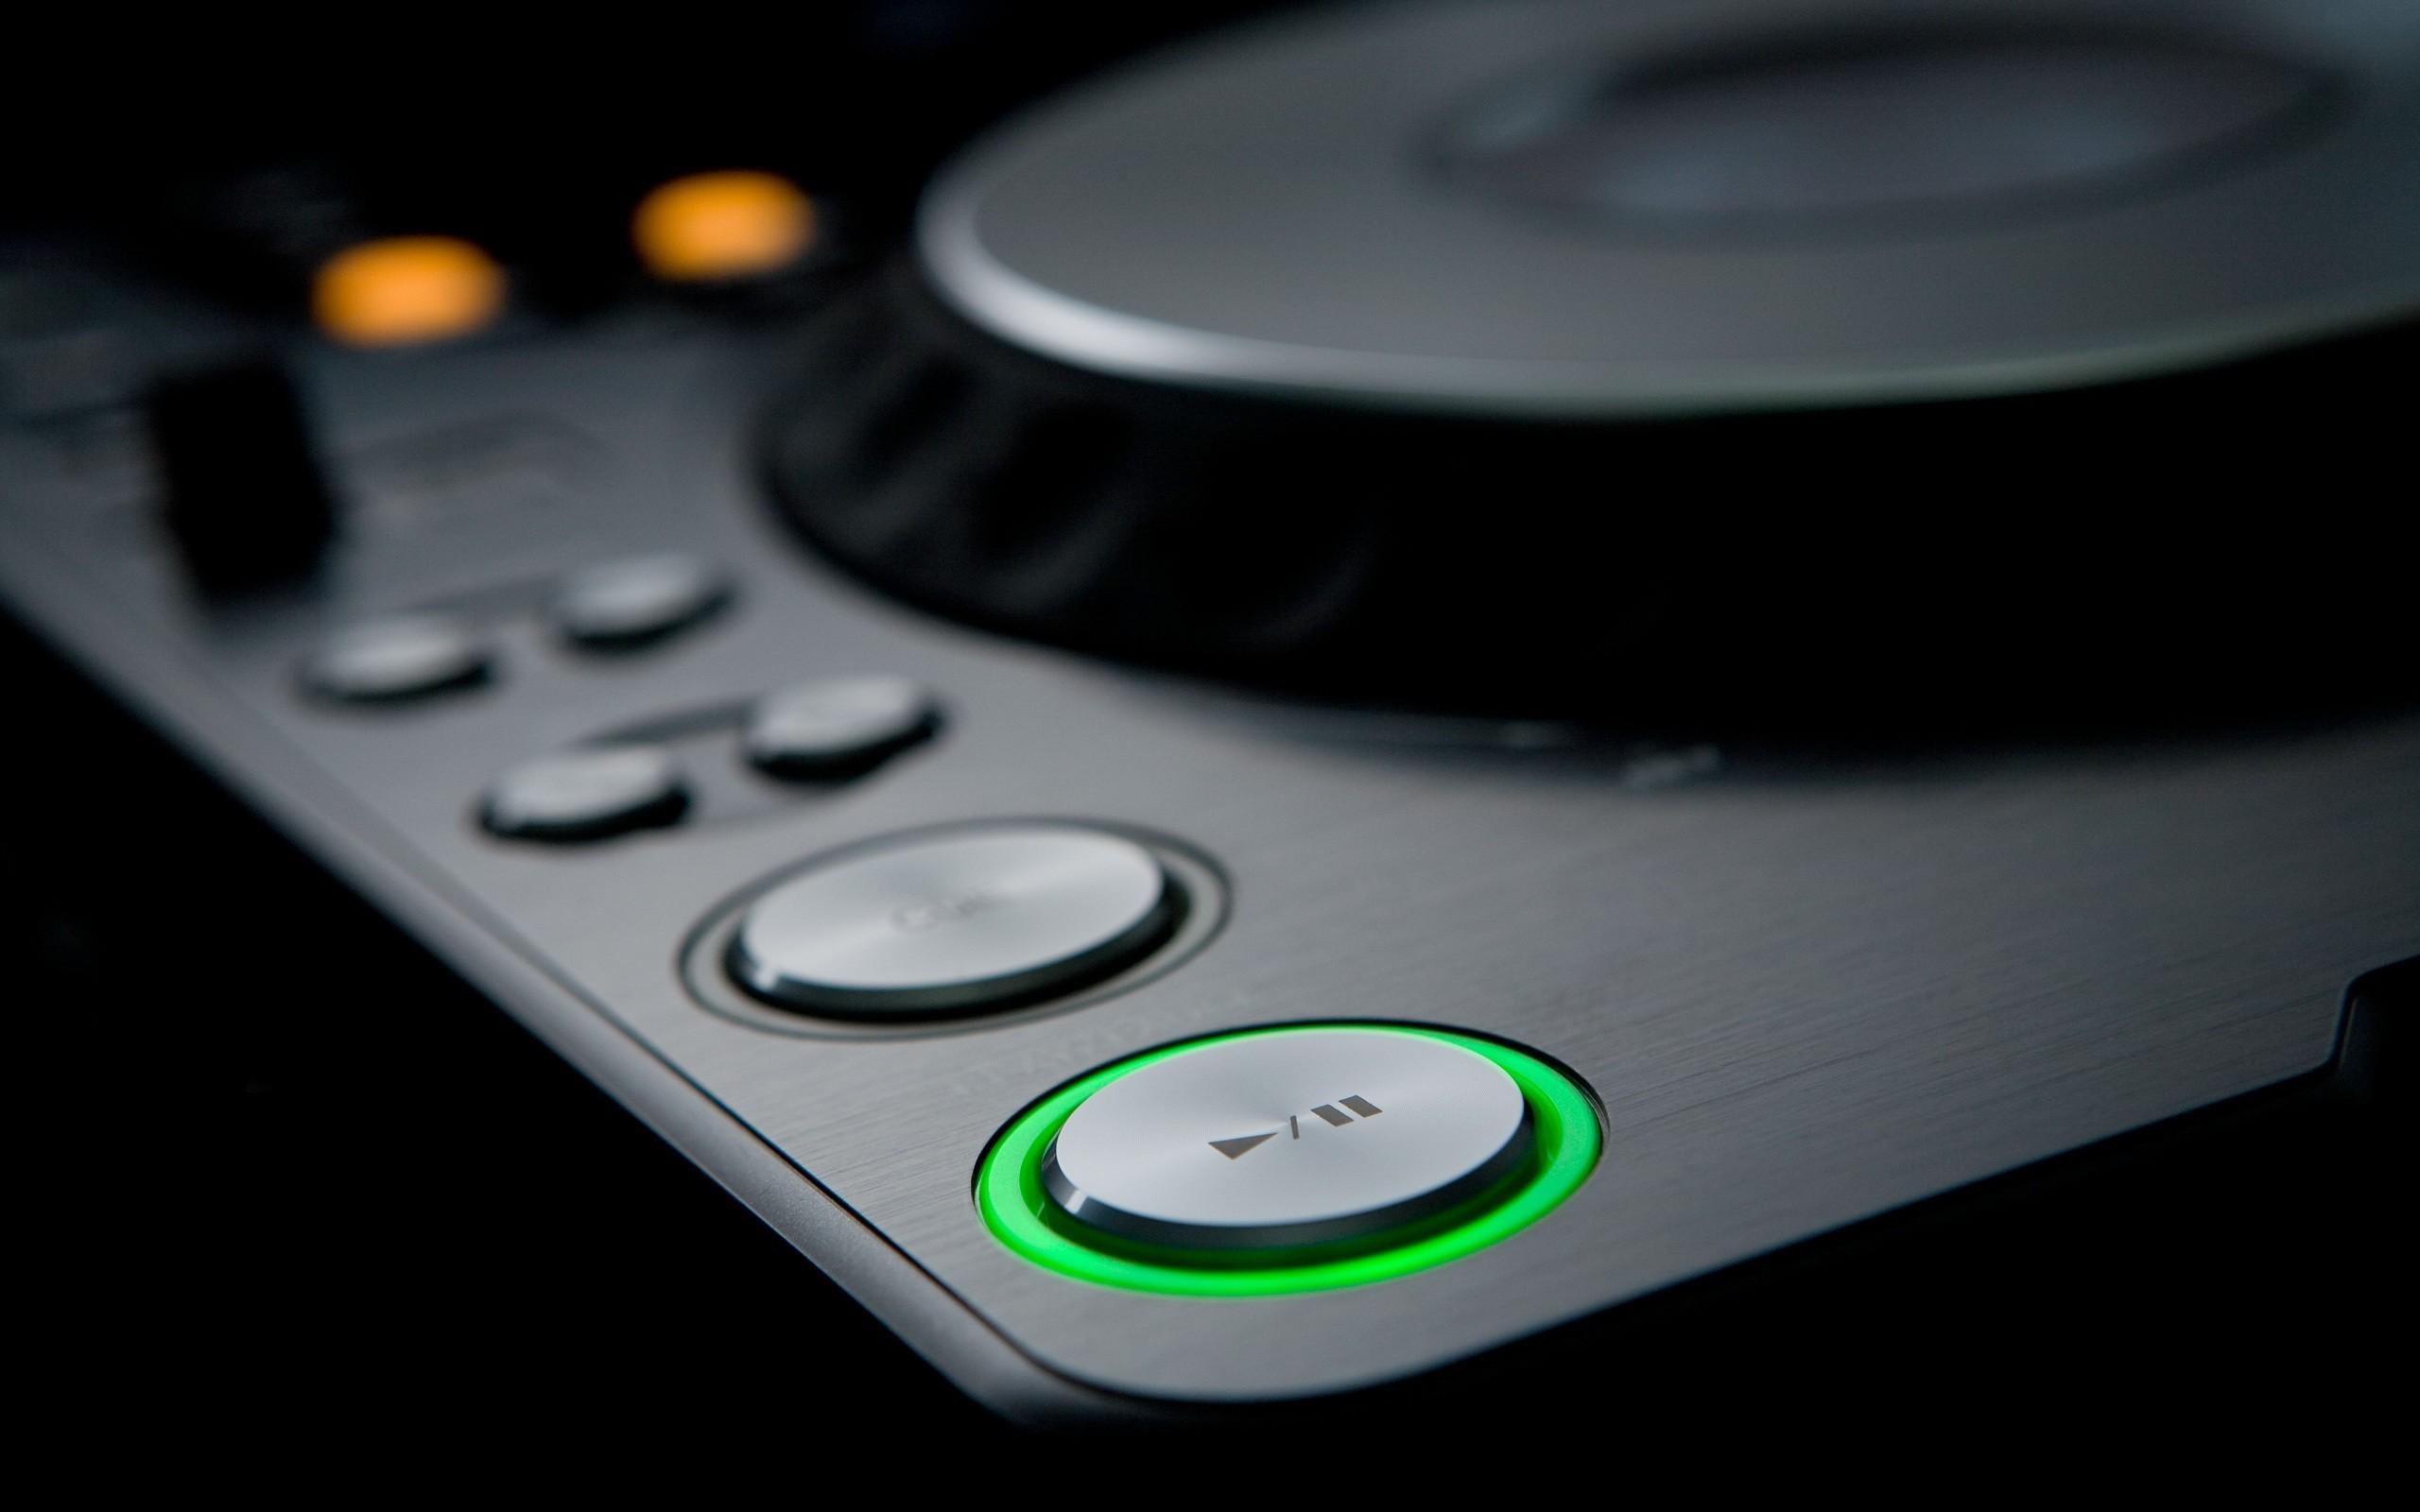 зодиака годам мультимедиа аудио ефекты для робочего стола сорта были выведены